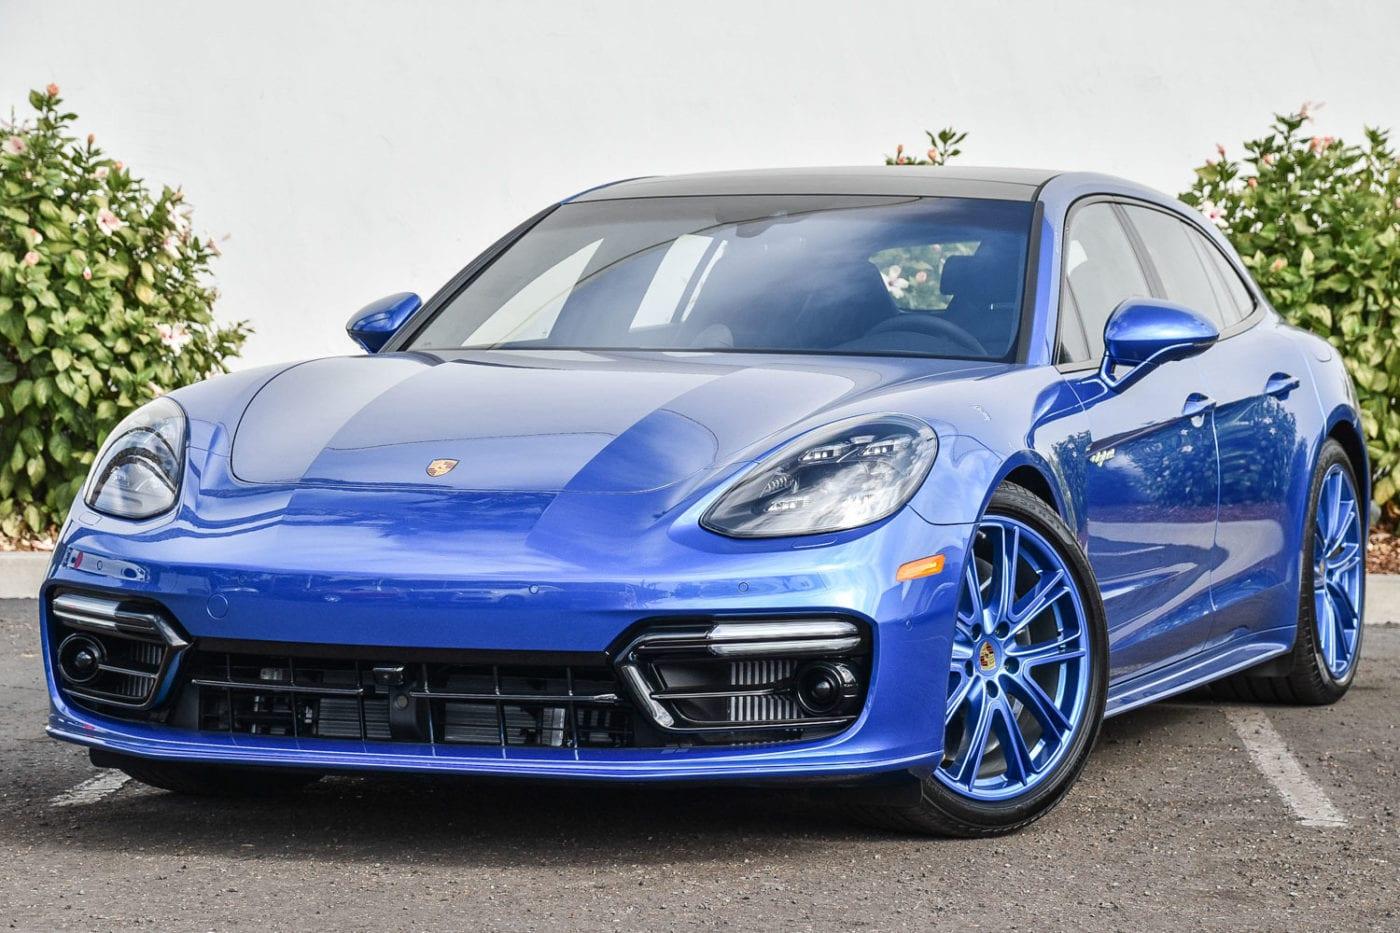 2018 Porsche Panamera Turbo S E Hybrid For Sale